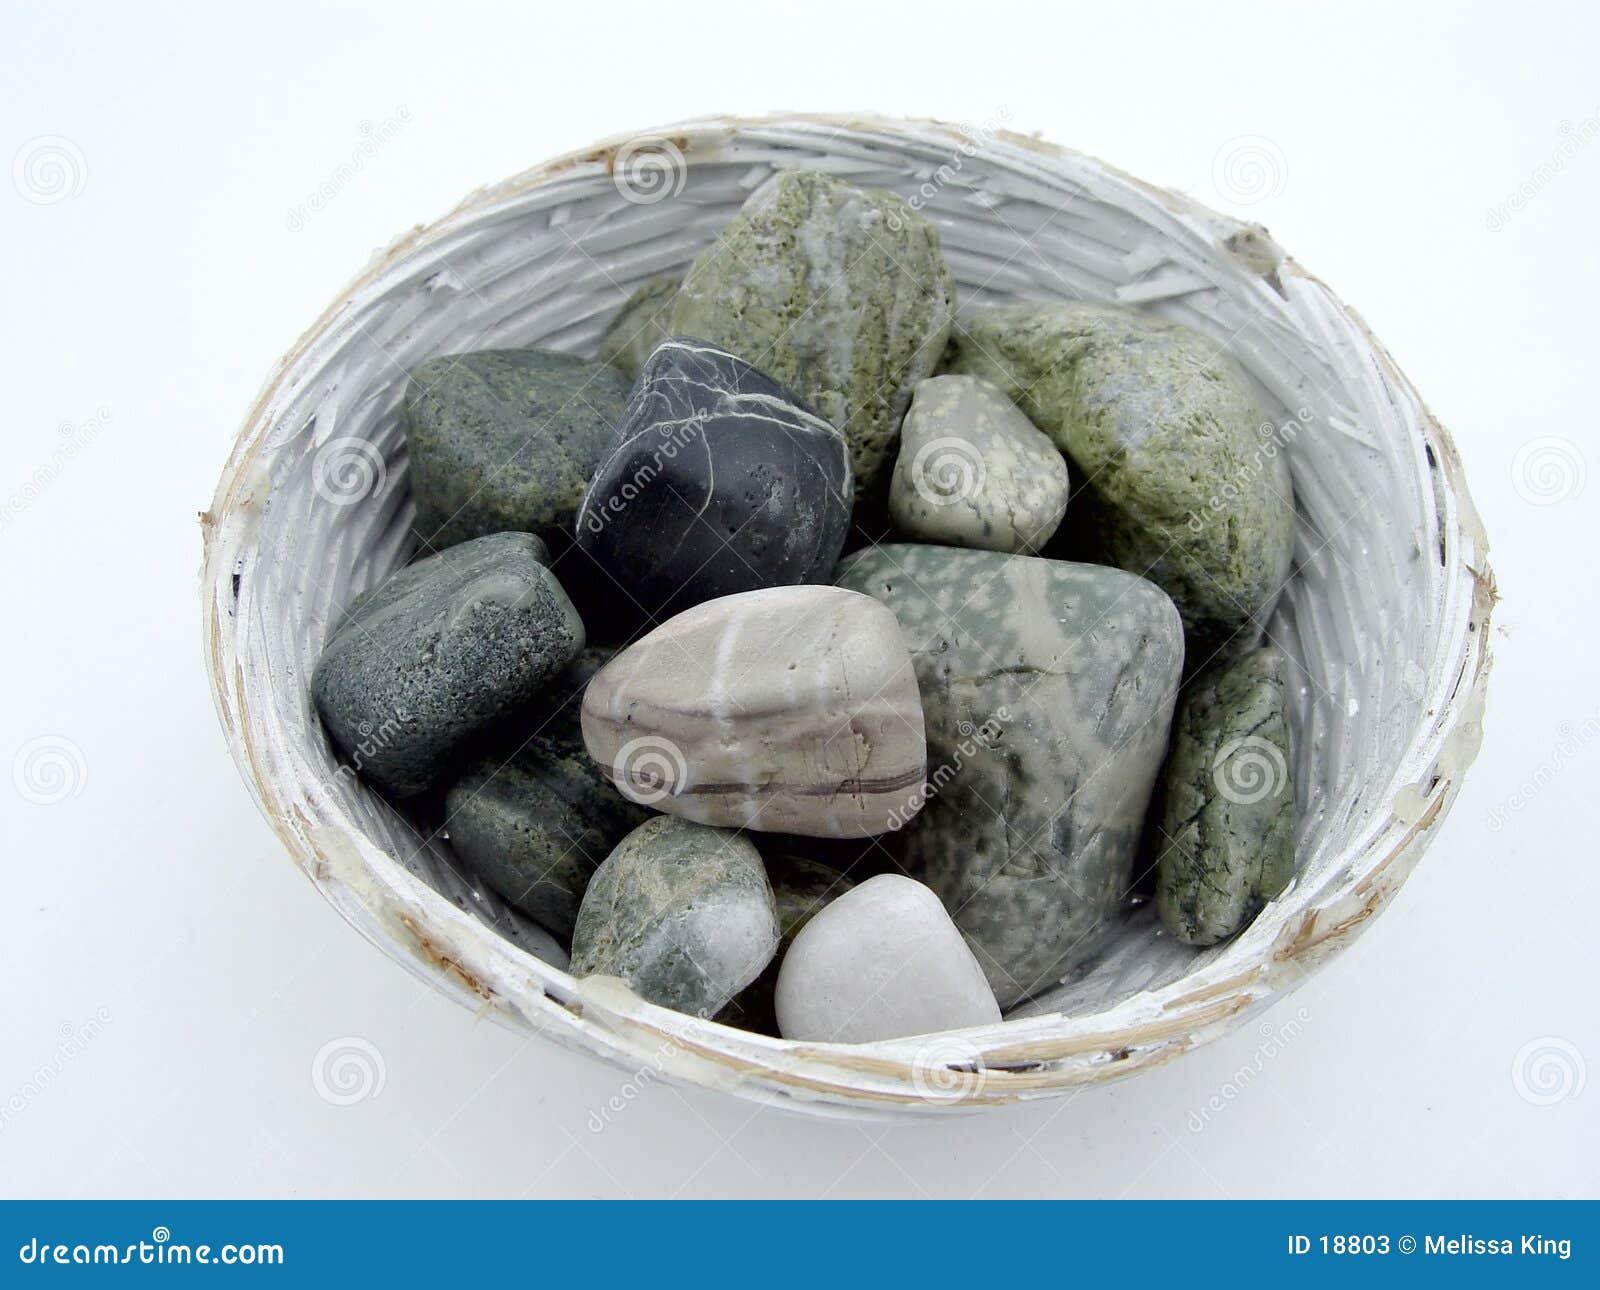 Rocks in Bowl